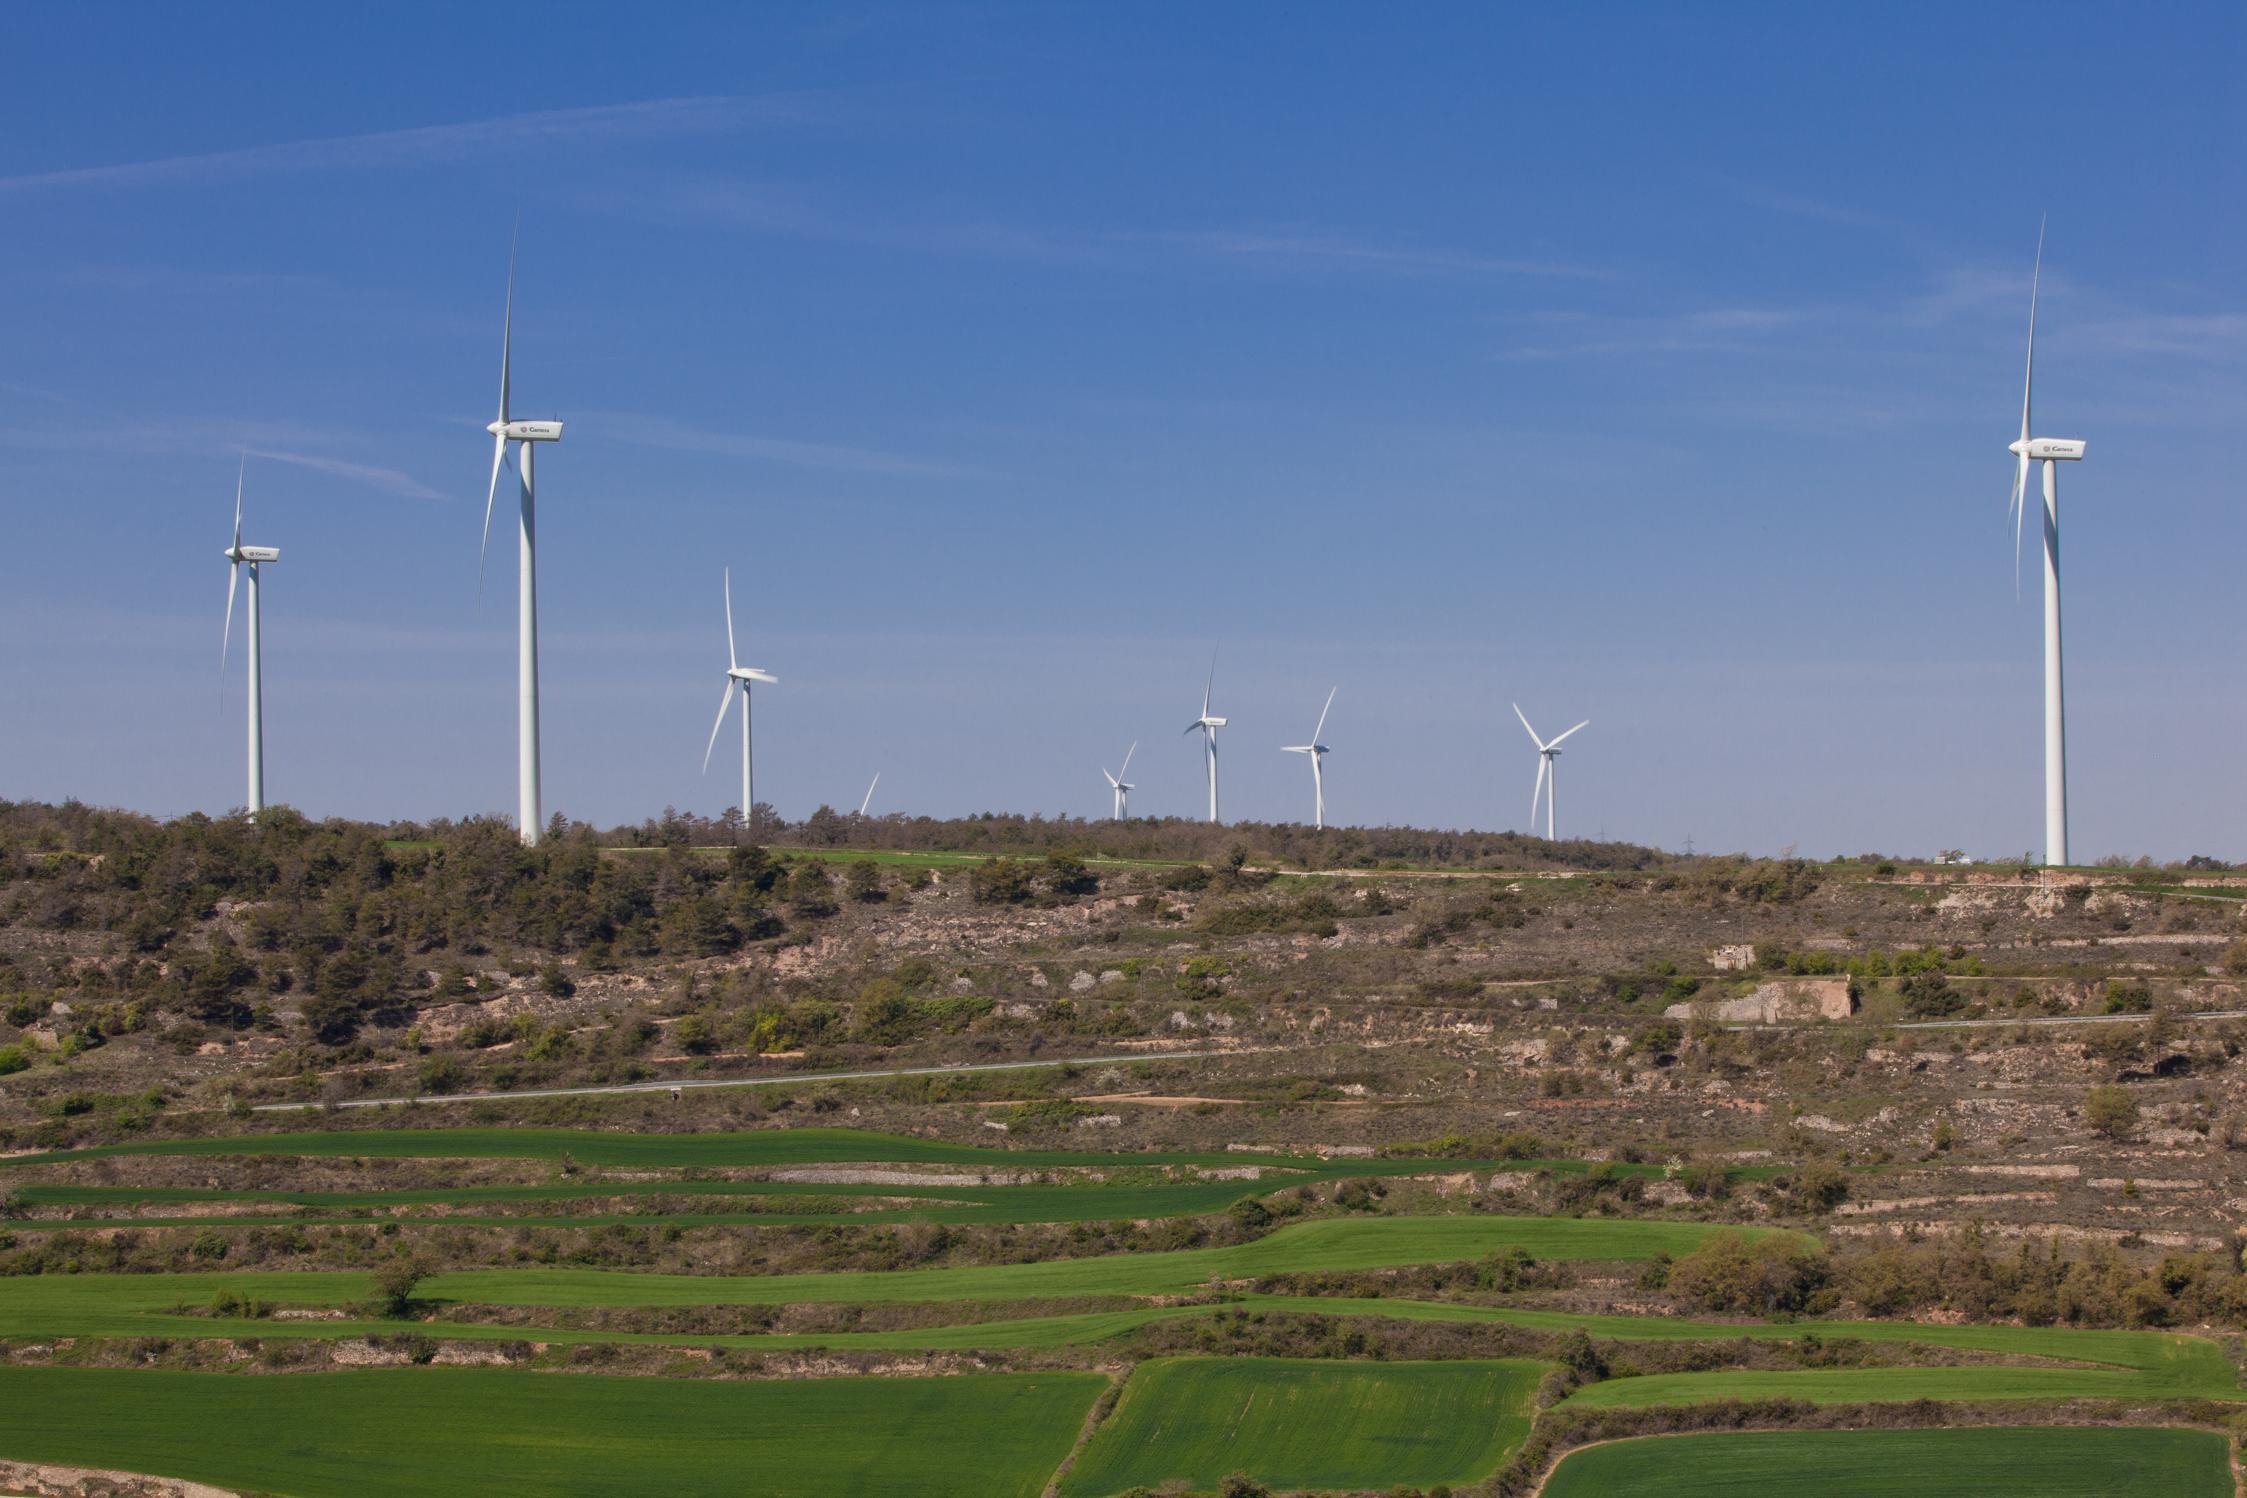 Iberdrola Renovables entra en el mercado renovable catalán mediante la compra de dos parque eólicos